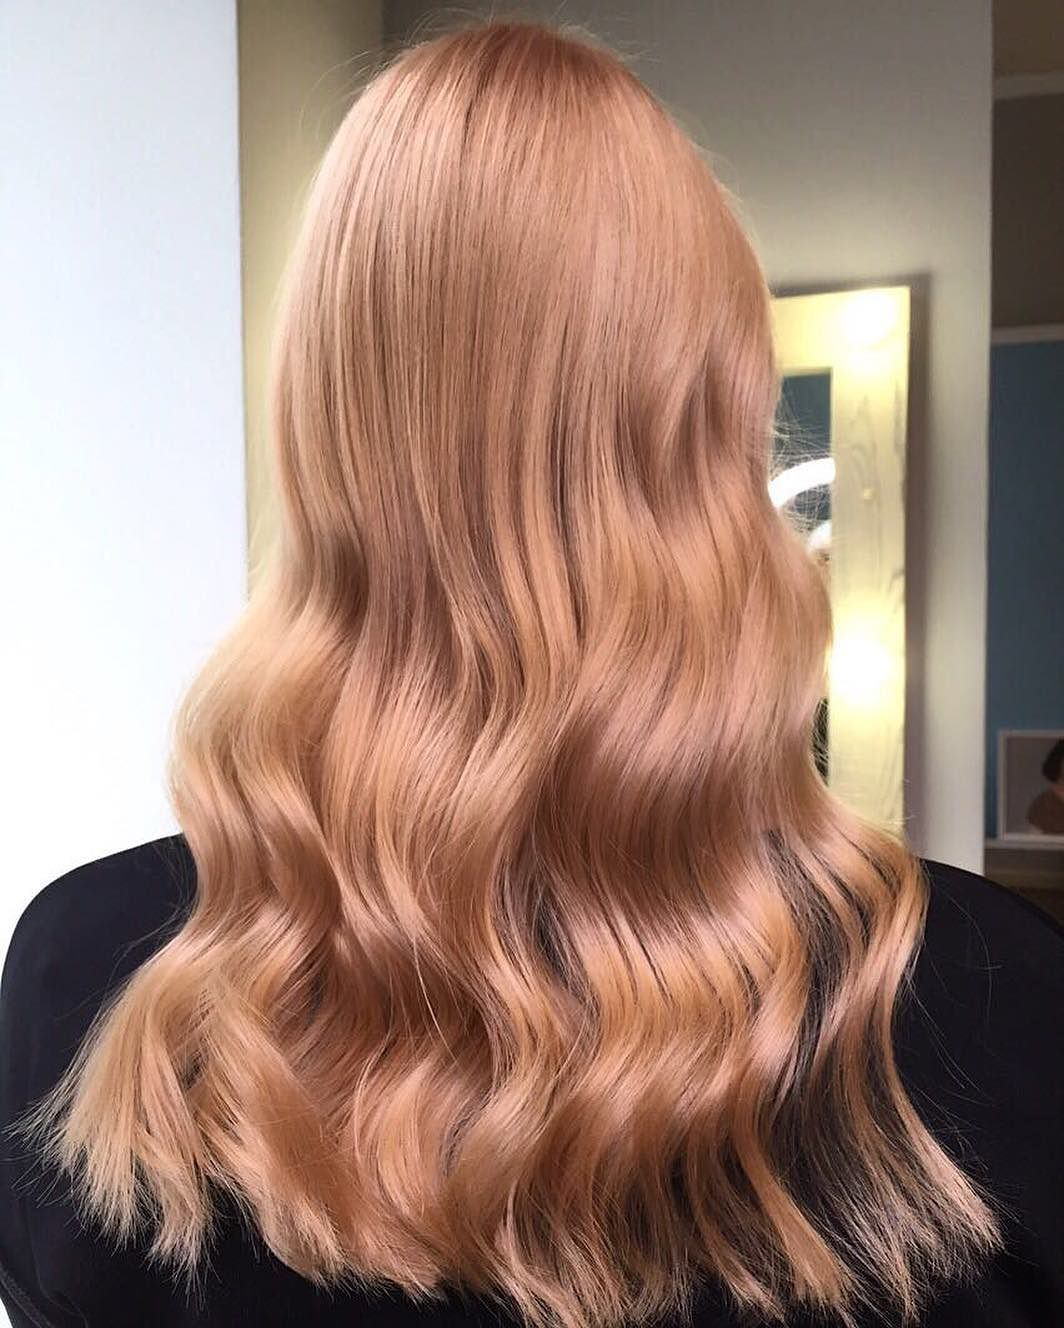 клубничный блонд волос фото